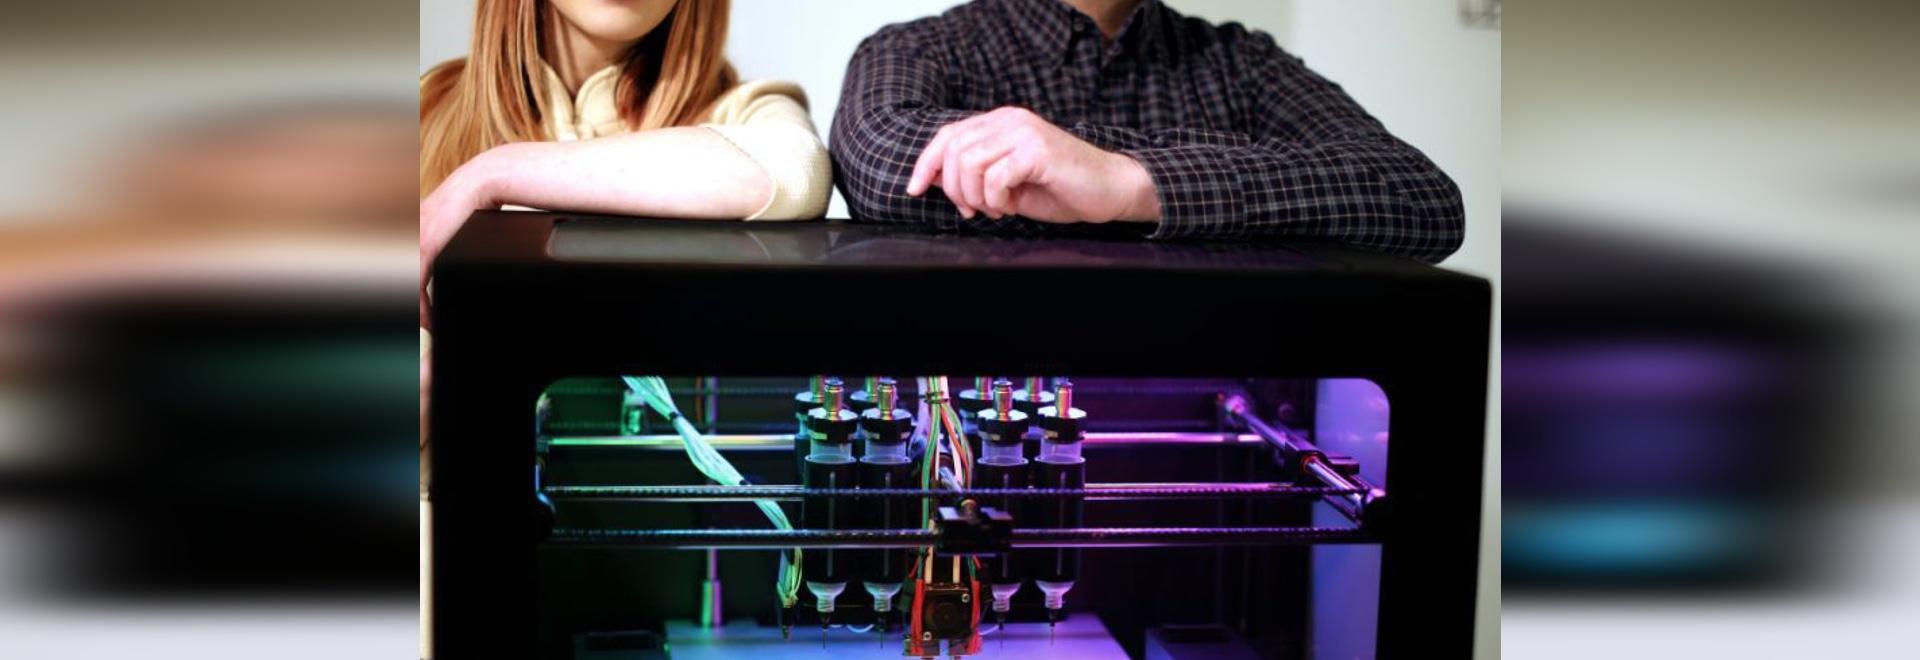 Procter- & Gamblepartner mit Äther auf Drucken 3D und künstlicher Intelligenz